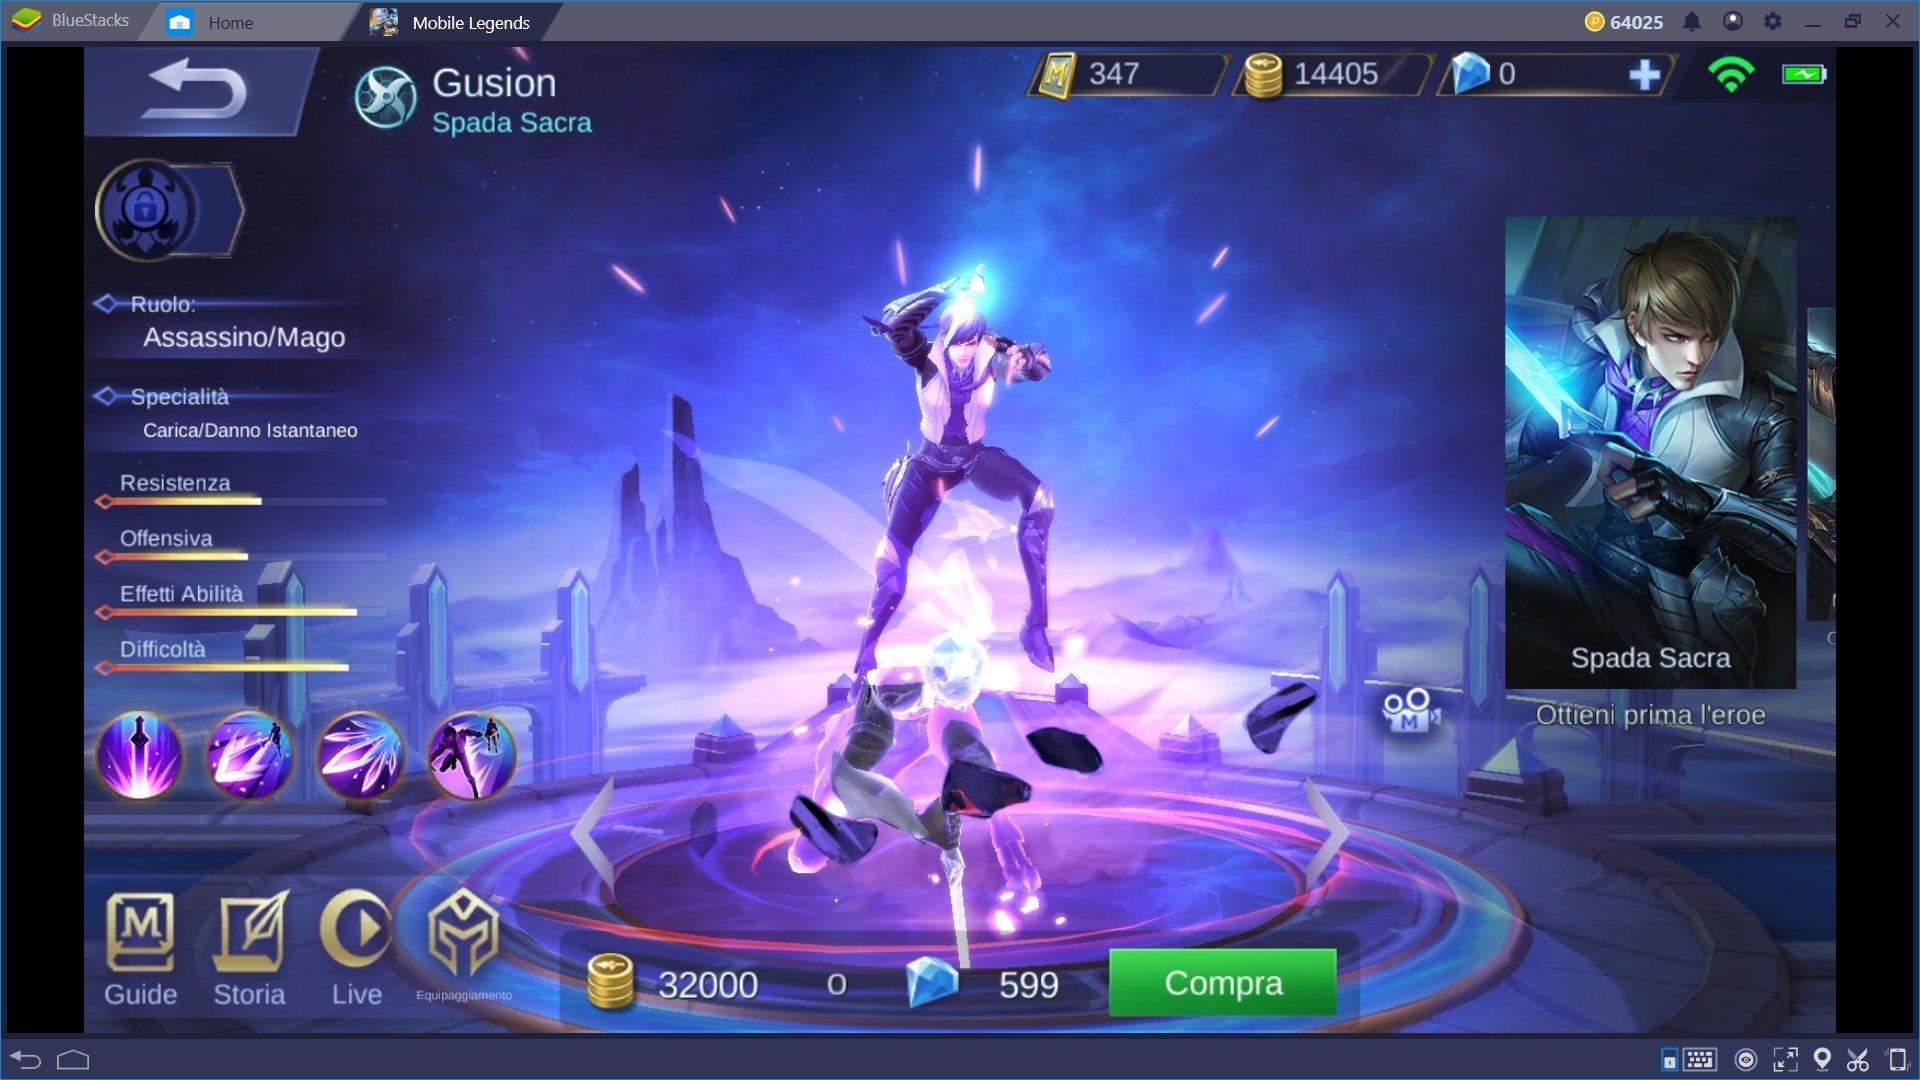 Guida all'acquisto degli Eroi in Mobile Legends: Bang Bang